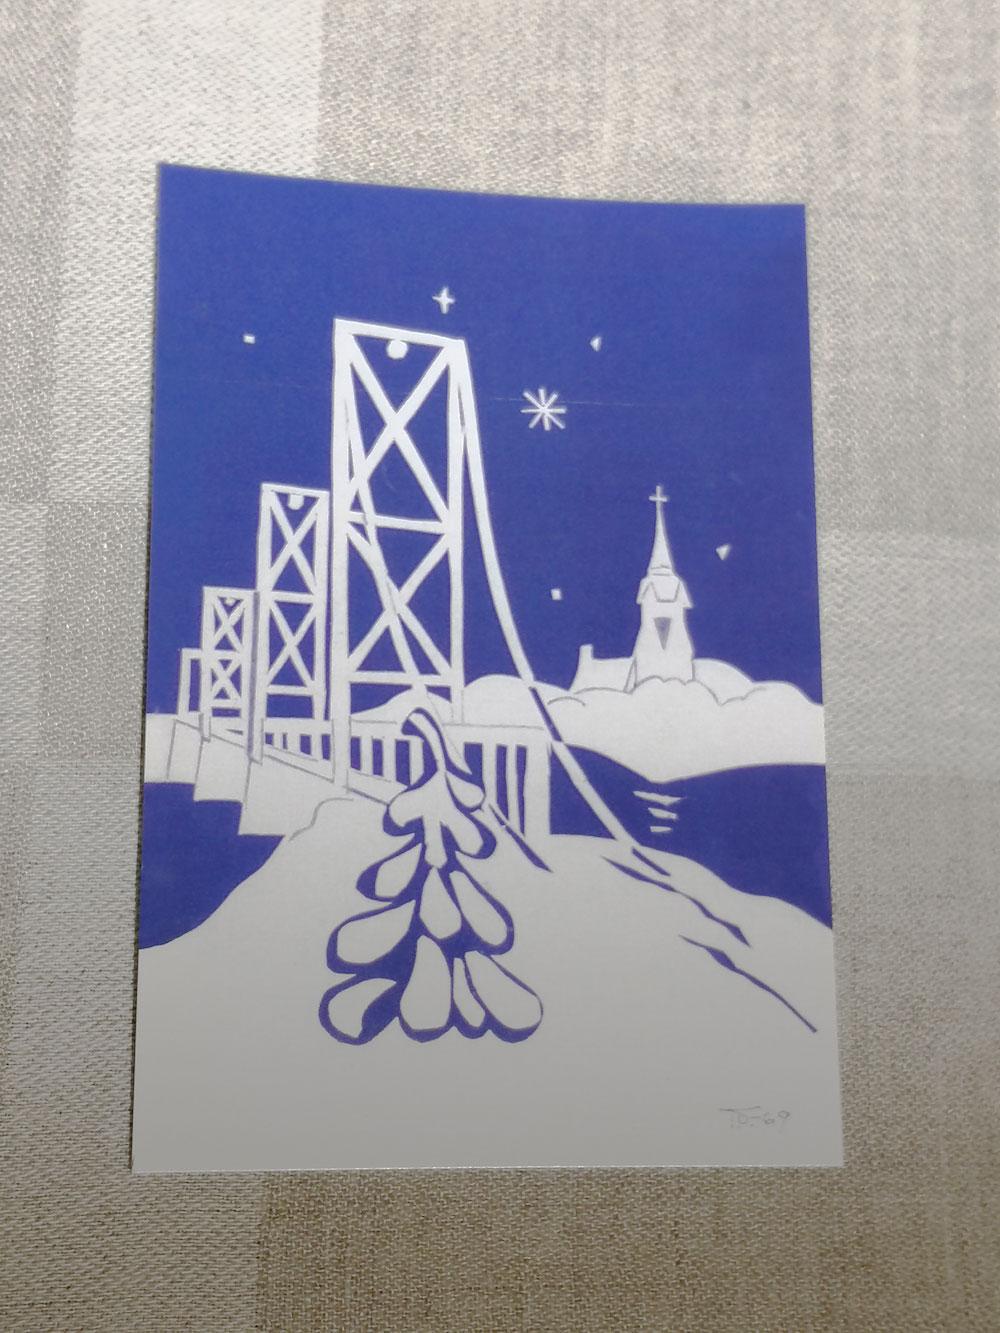 Keikyän perikunta on teettänyt joulukortteja taiteilija Teuvo Talan vuonna 1969 maalaamasta taulusta. Kalliiksi kortteja ei voi moittia, kymmenellä eurolla saa kymmenen korttia.